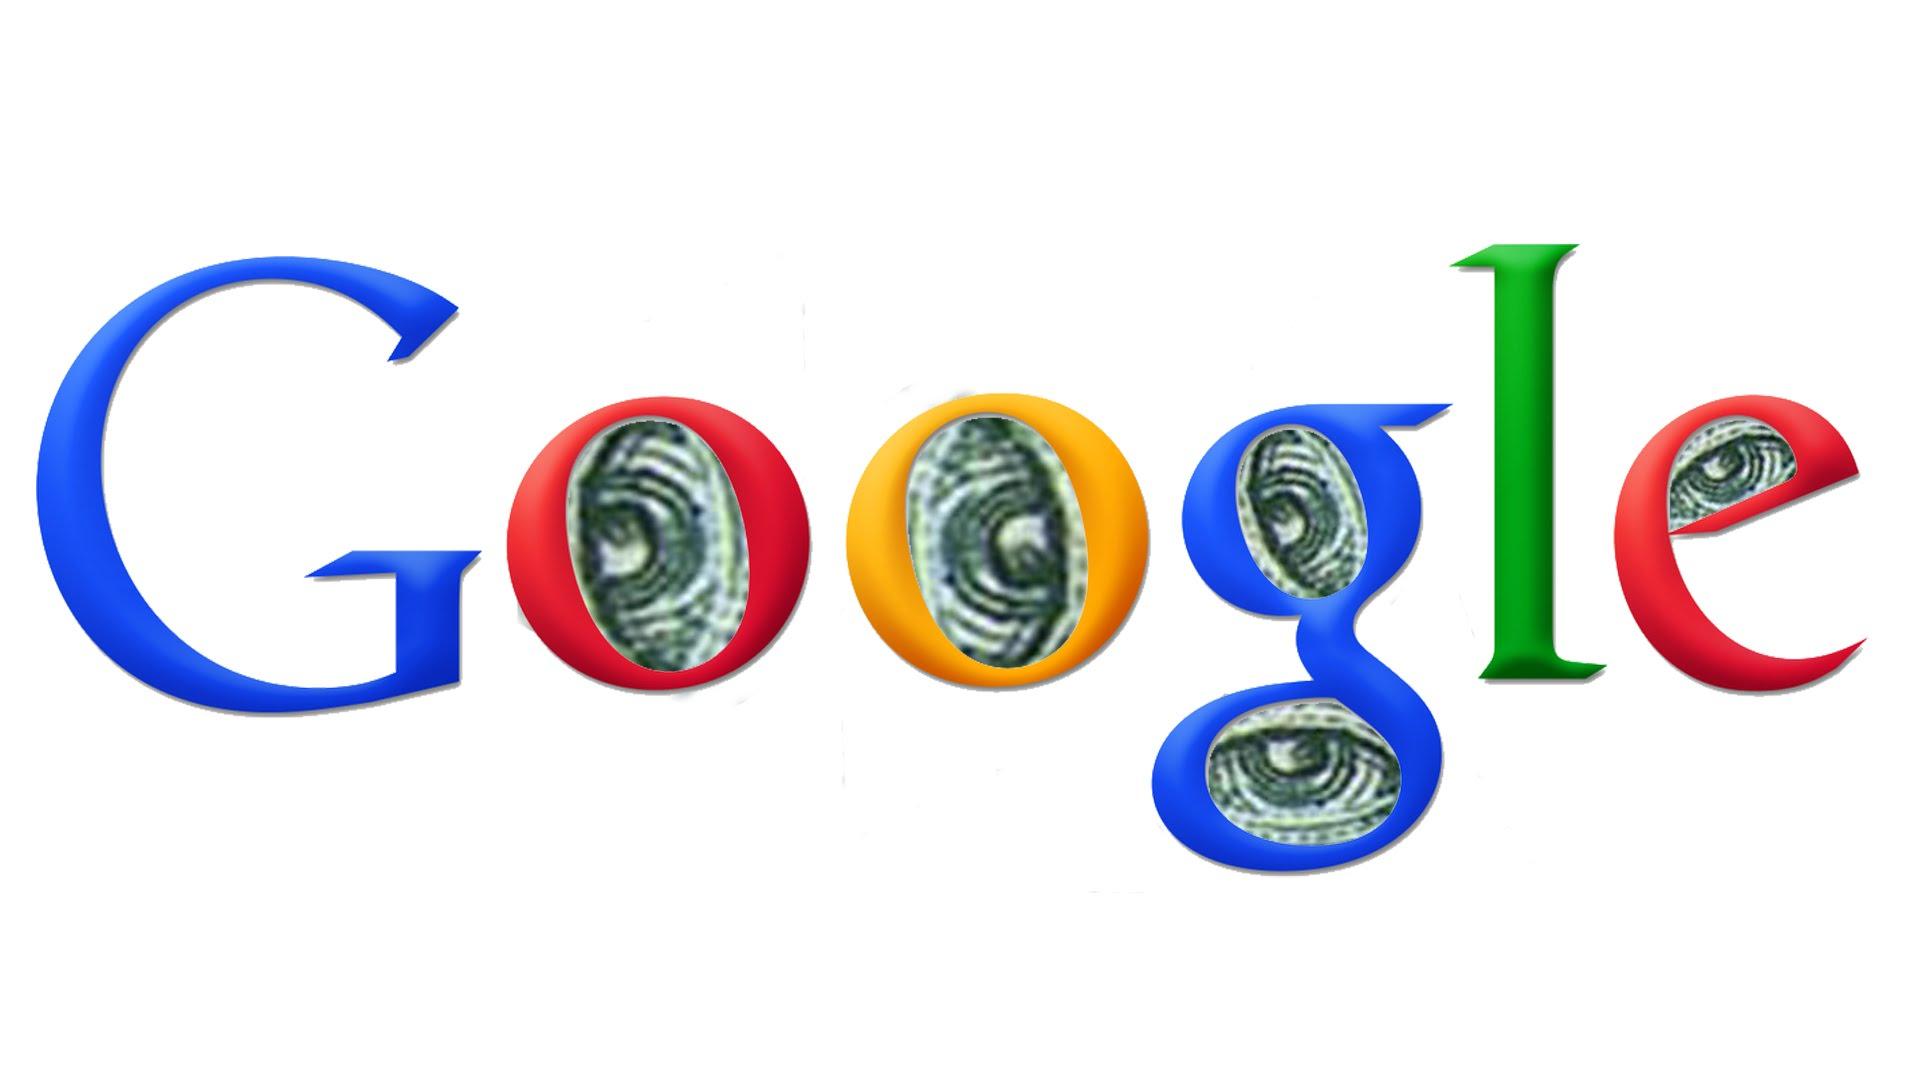 Пользователи iPhone подали в суд на Google за сбор персональных данных